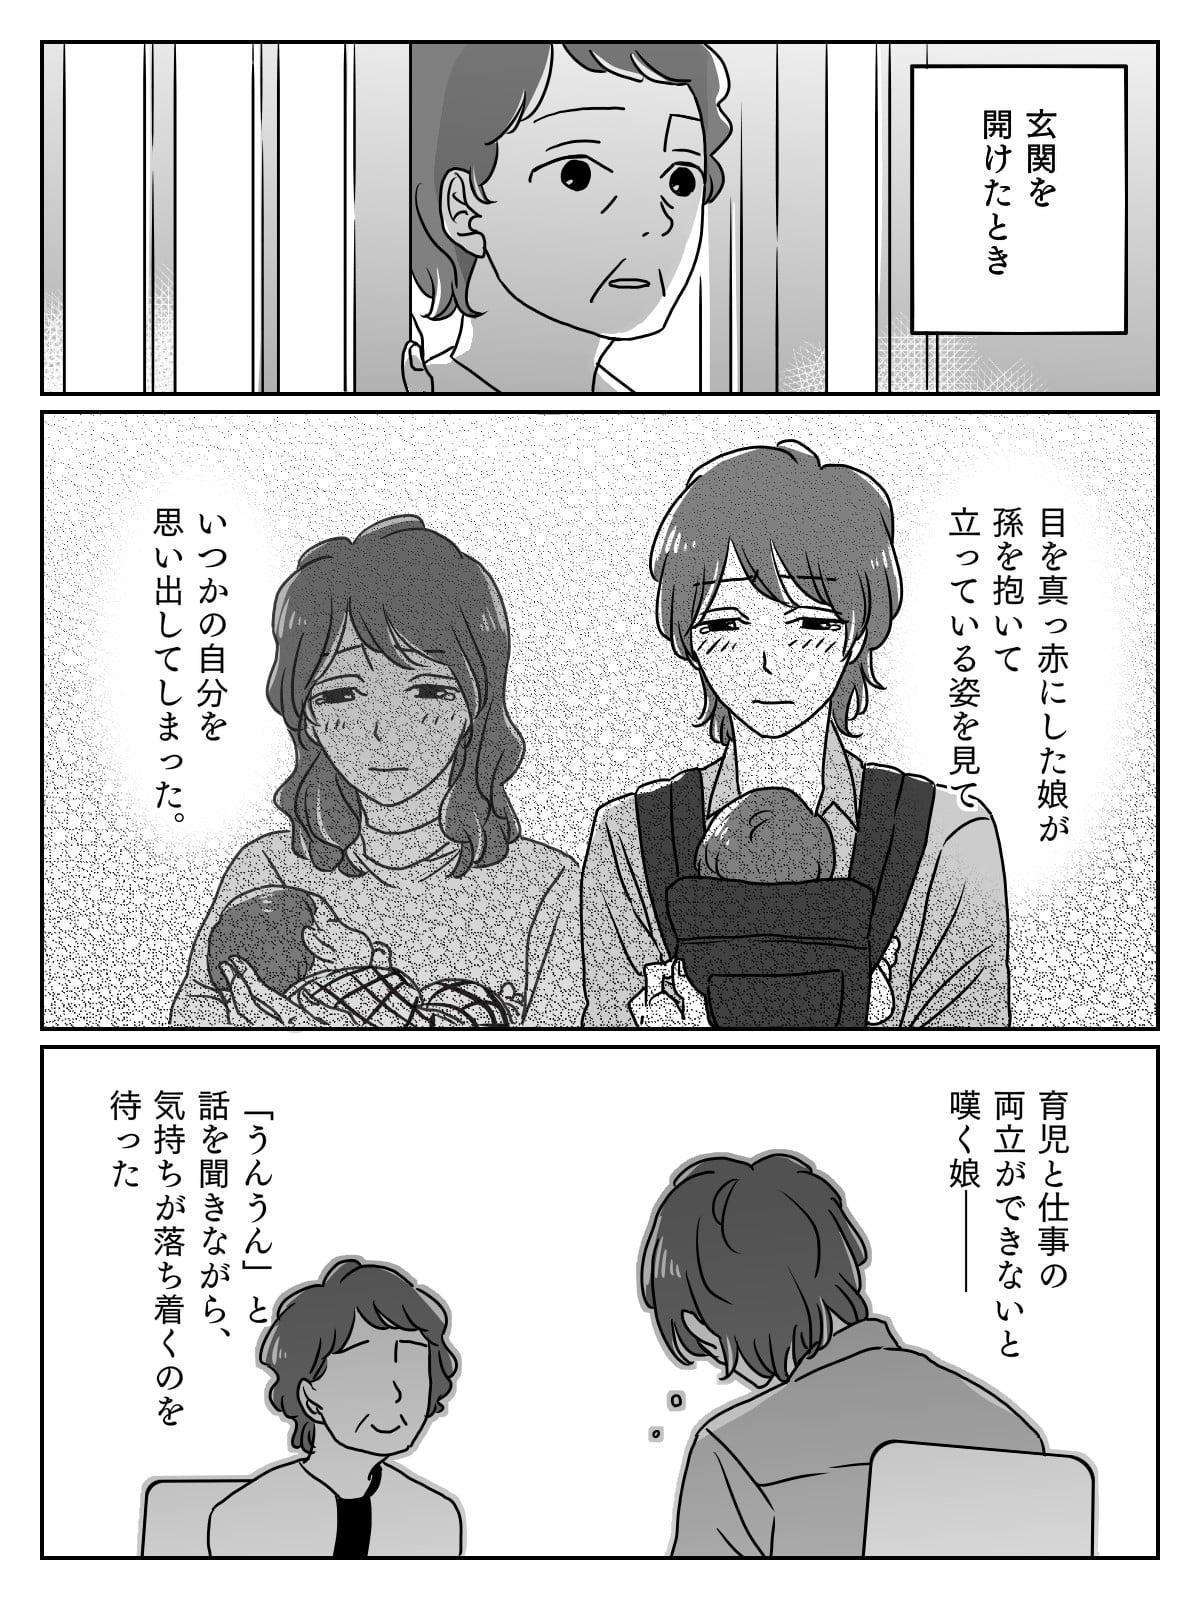 辷カ豈咲キィ01